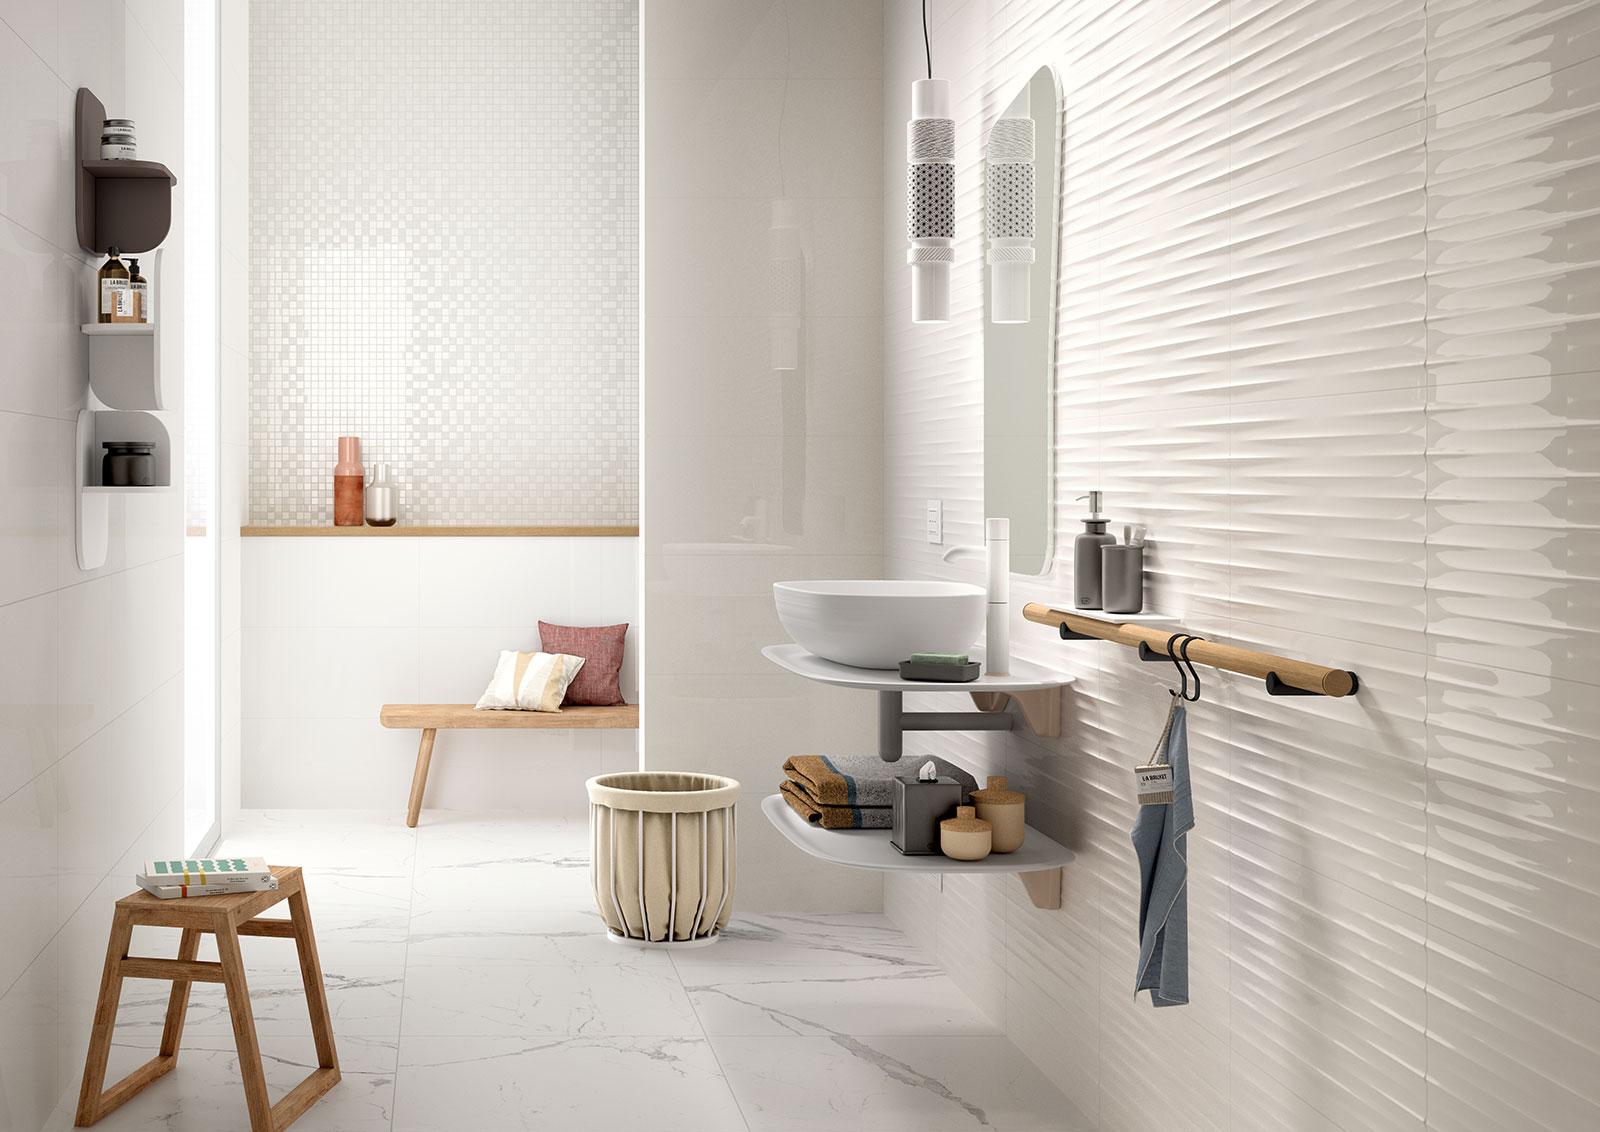 mattonelle per bagno ceramica e gres porcellanato marazzi. Black Bedroom Furniture Sets. Home Design Ideas